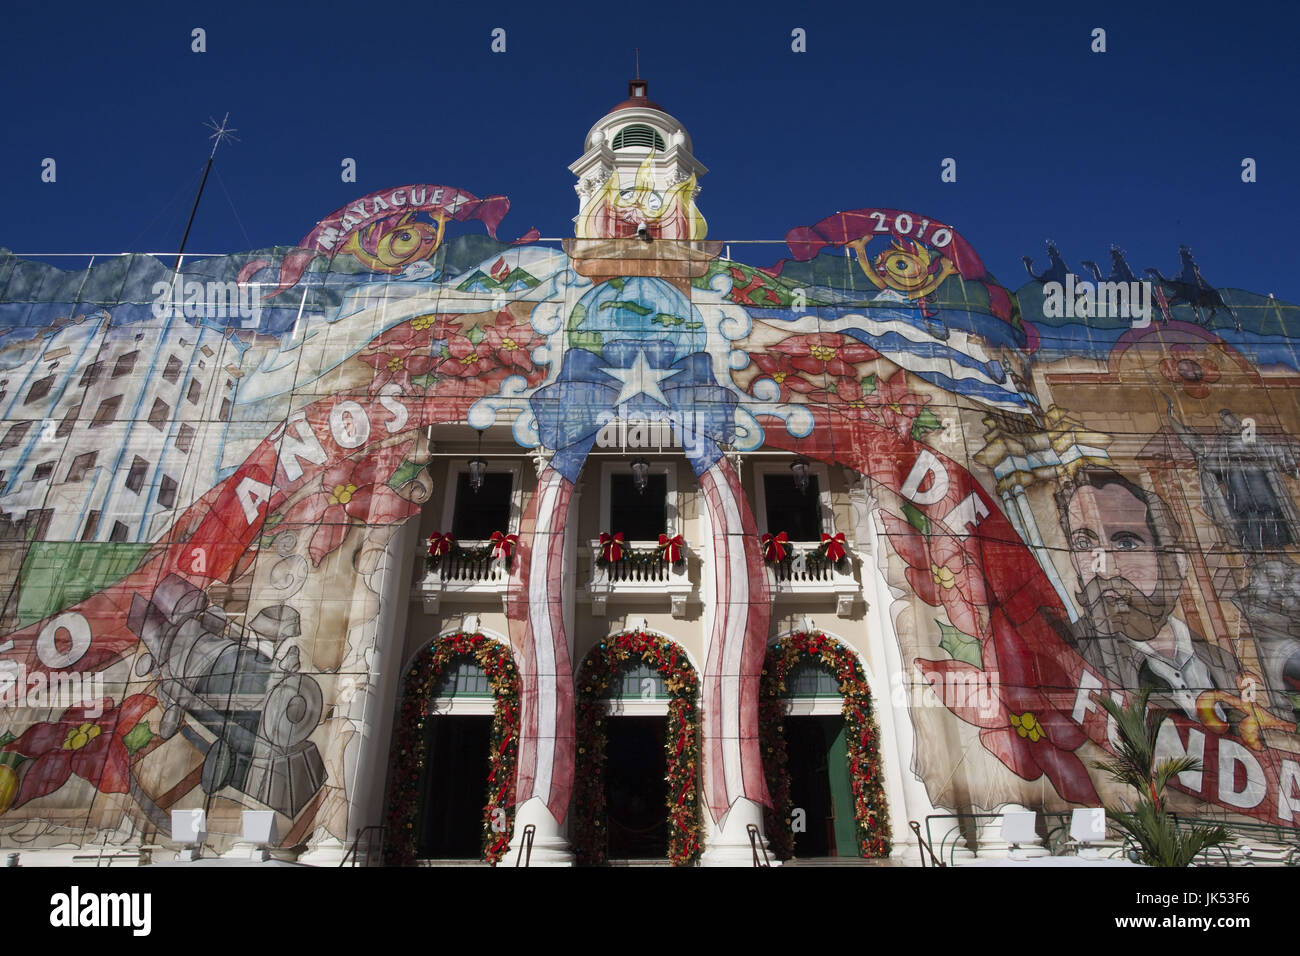 Puerto Rico, West Coast, Mayaguez, Plaza Colon, Teatro Yaguez theater with Christmas decorations - Stock Image